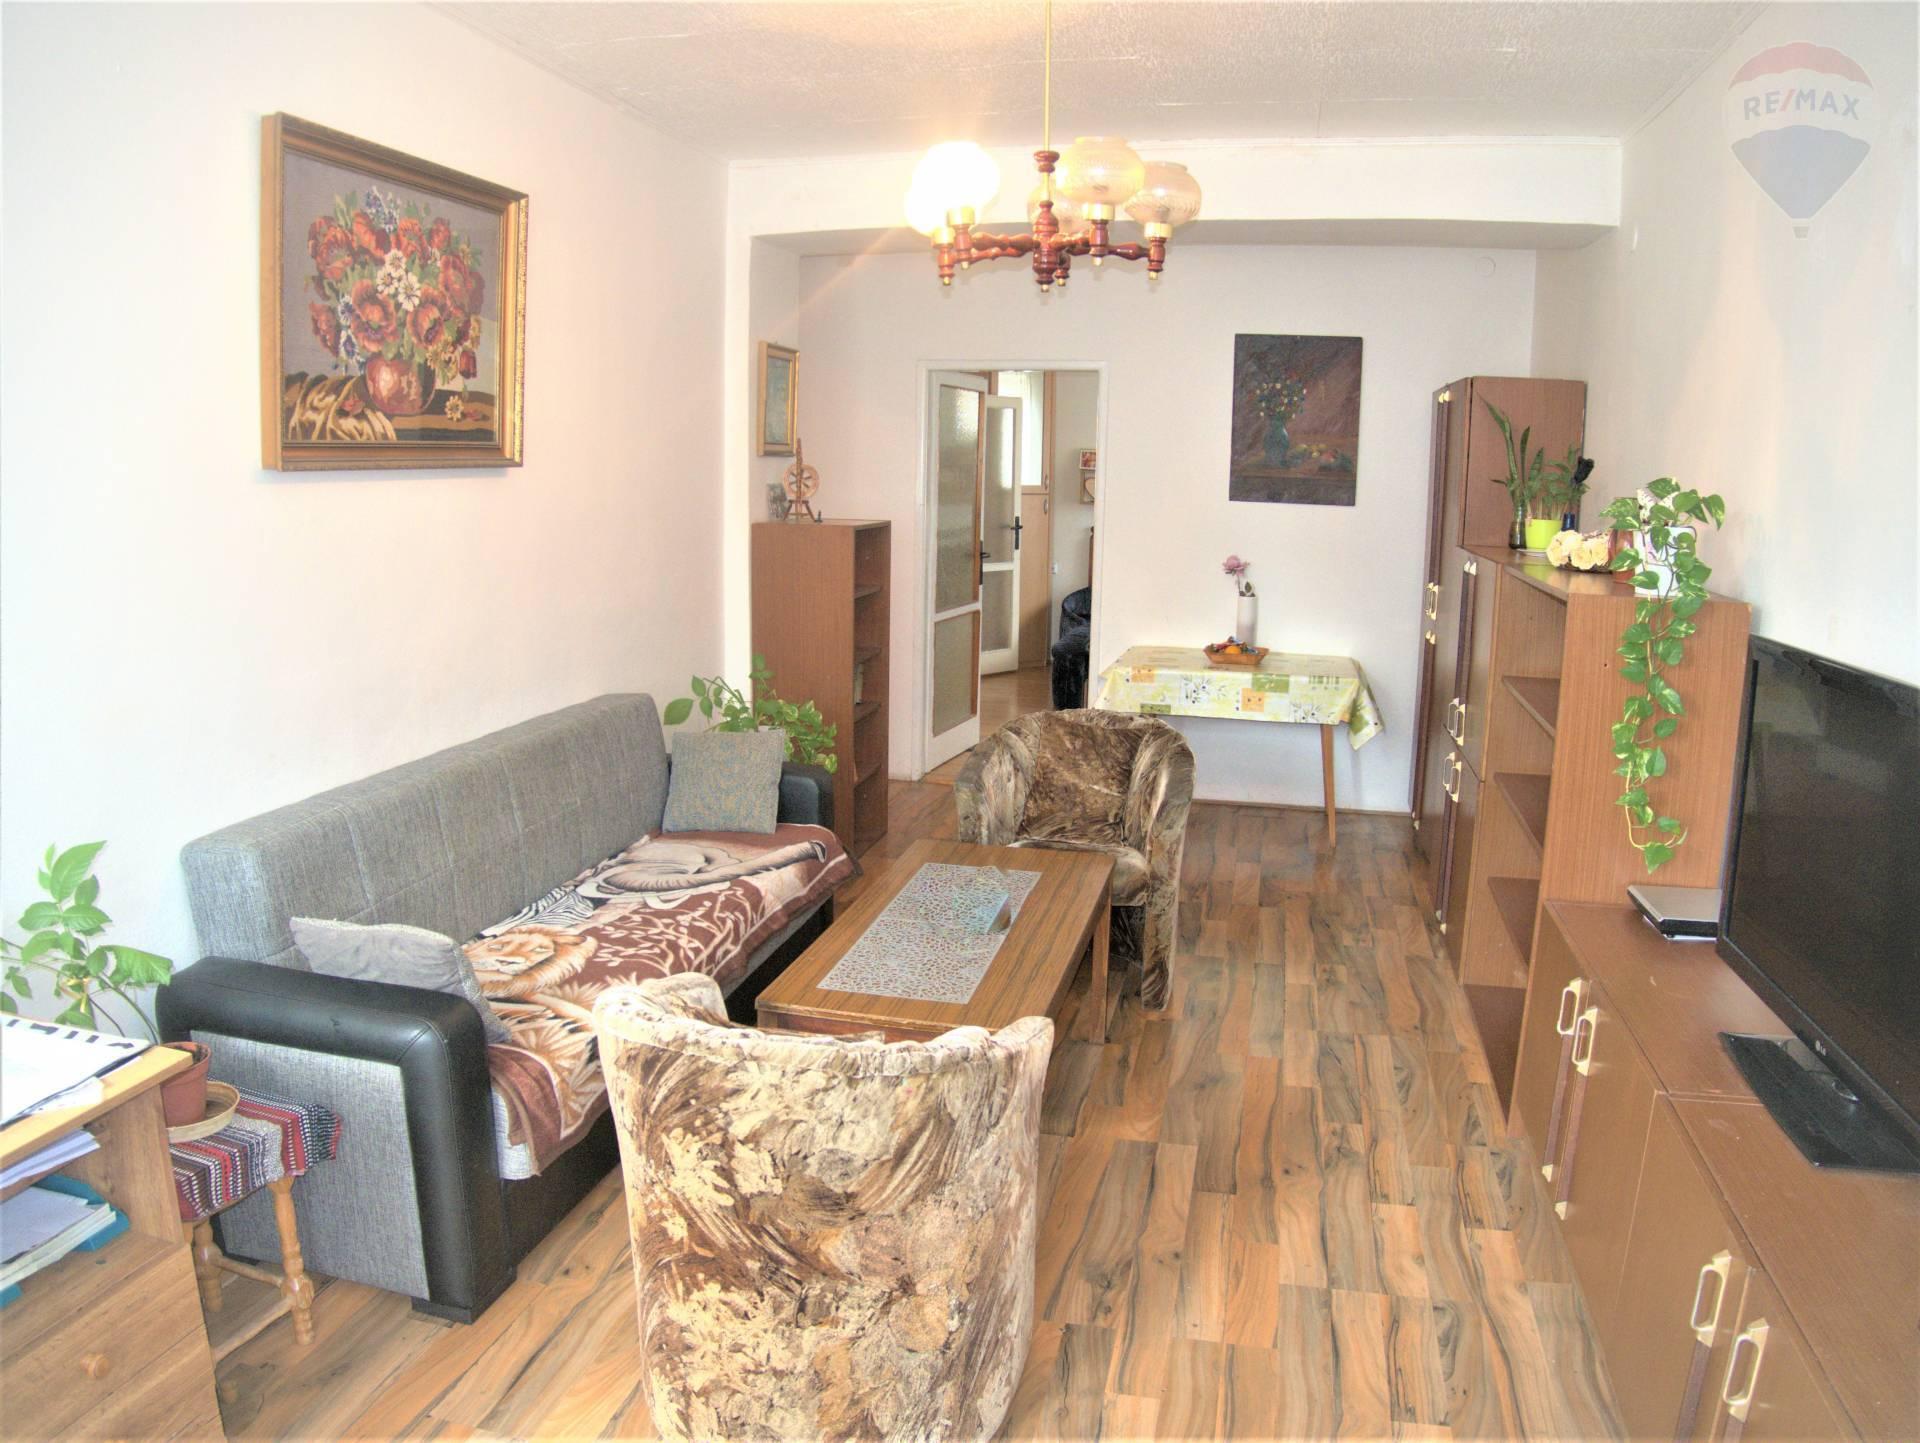 Predaj bytu (3 izbový) 70 m2, Prievidza - Katarína Racíkova 0910 212 992 realitný maklér realitná kancelária RE/MAX, predj 3 izbový byt Prievidza